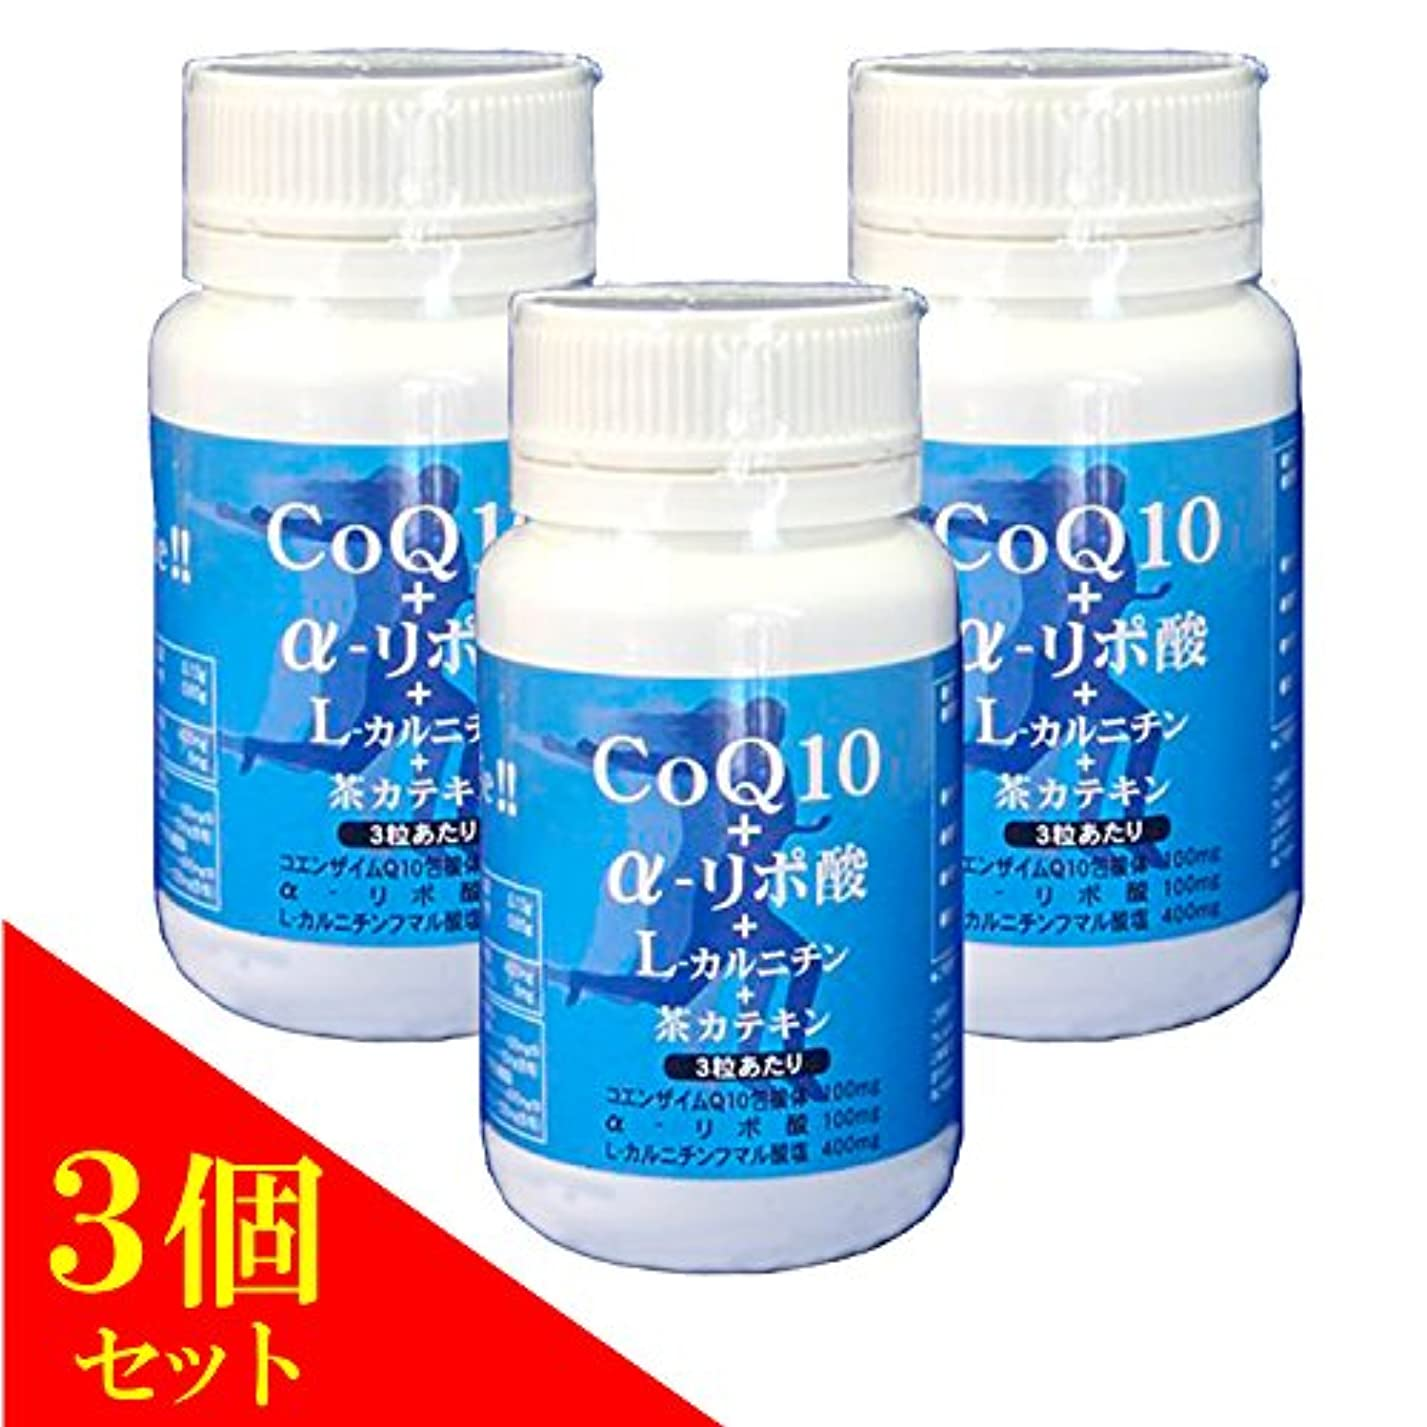 リズム不足充実(3個)マーキュリーCoQ10+αリポ酸+L-カルニチン+茶カテキン 90粒×3個セット(4947041260283